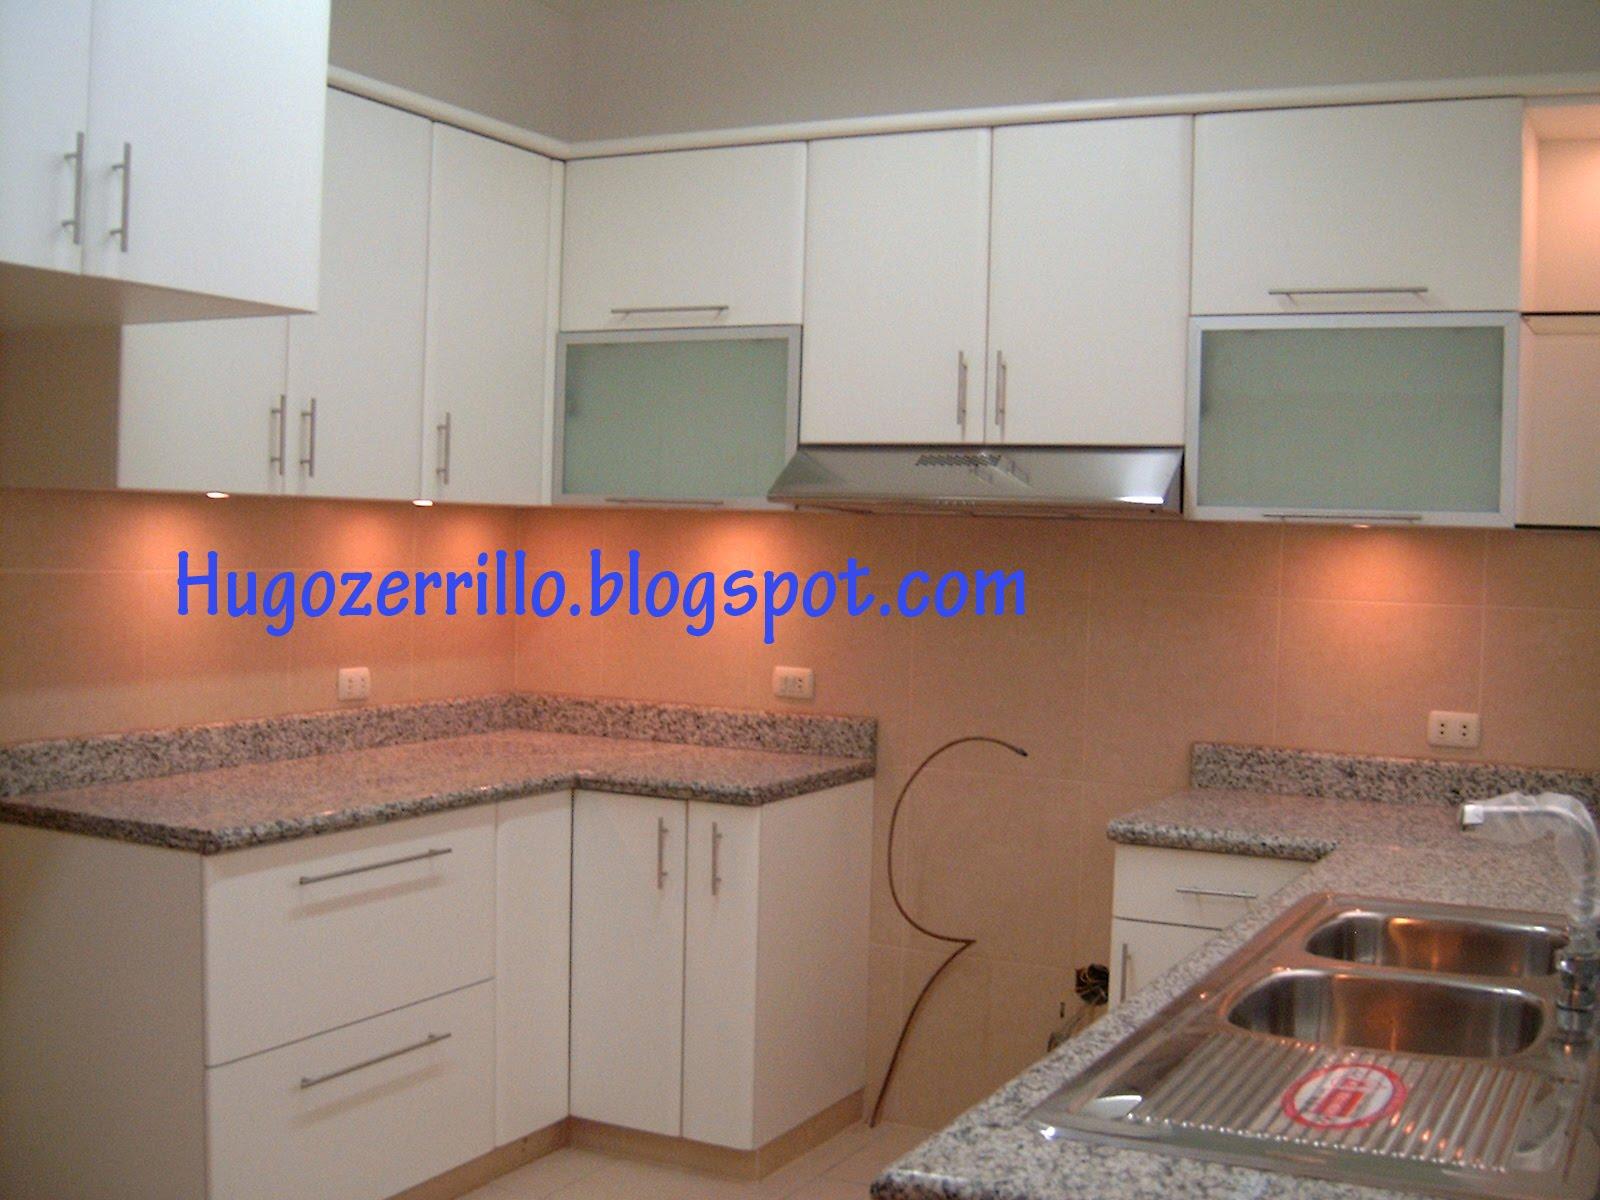 Cornisas Para Muebles De Cocina | Molduras Para Muebles De Cocina ...